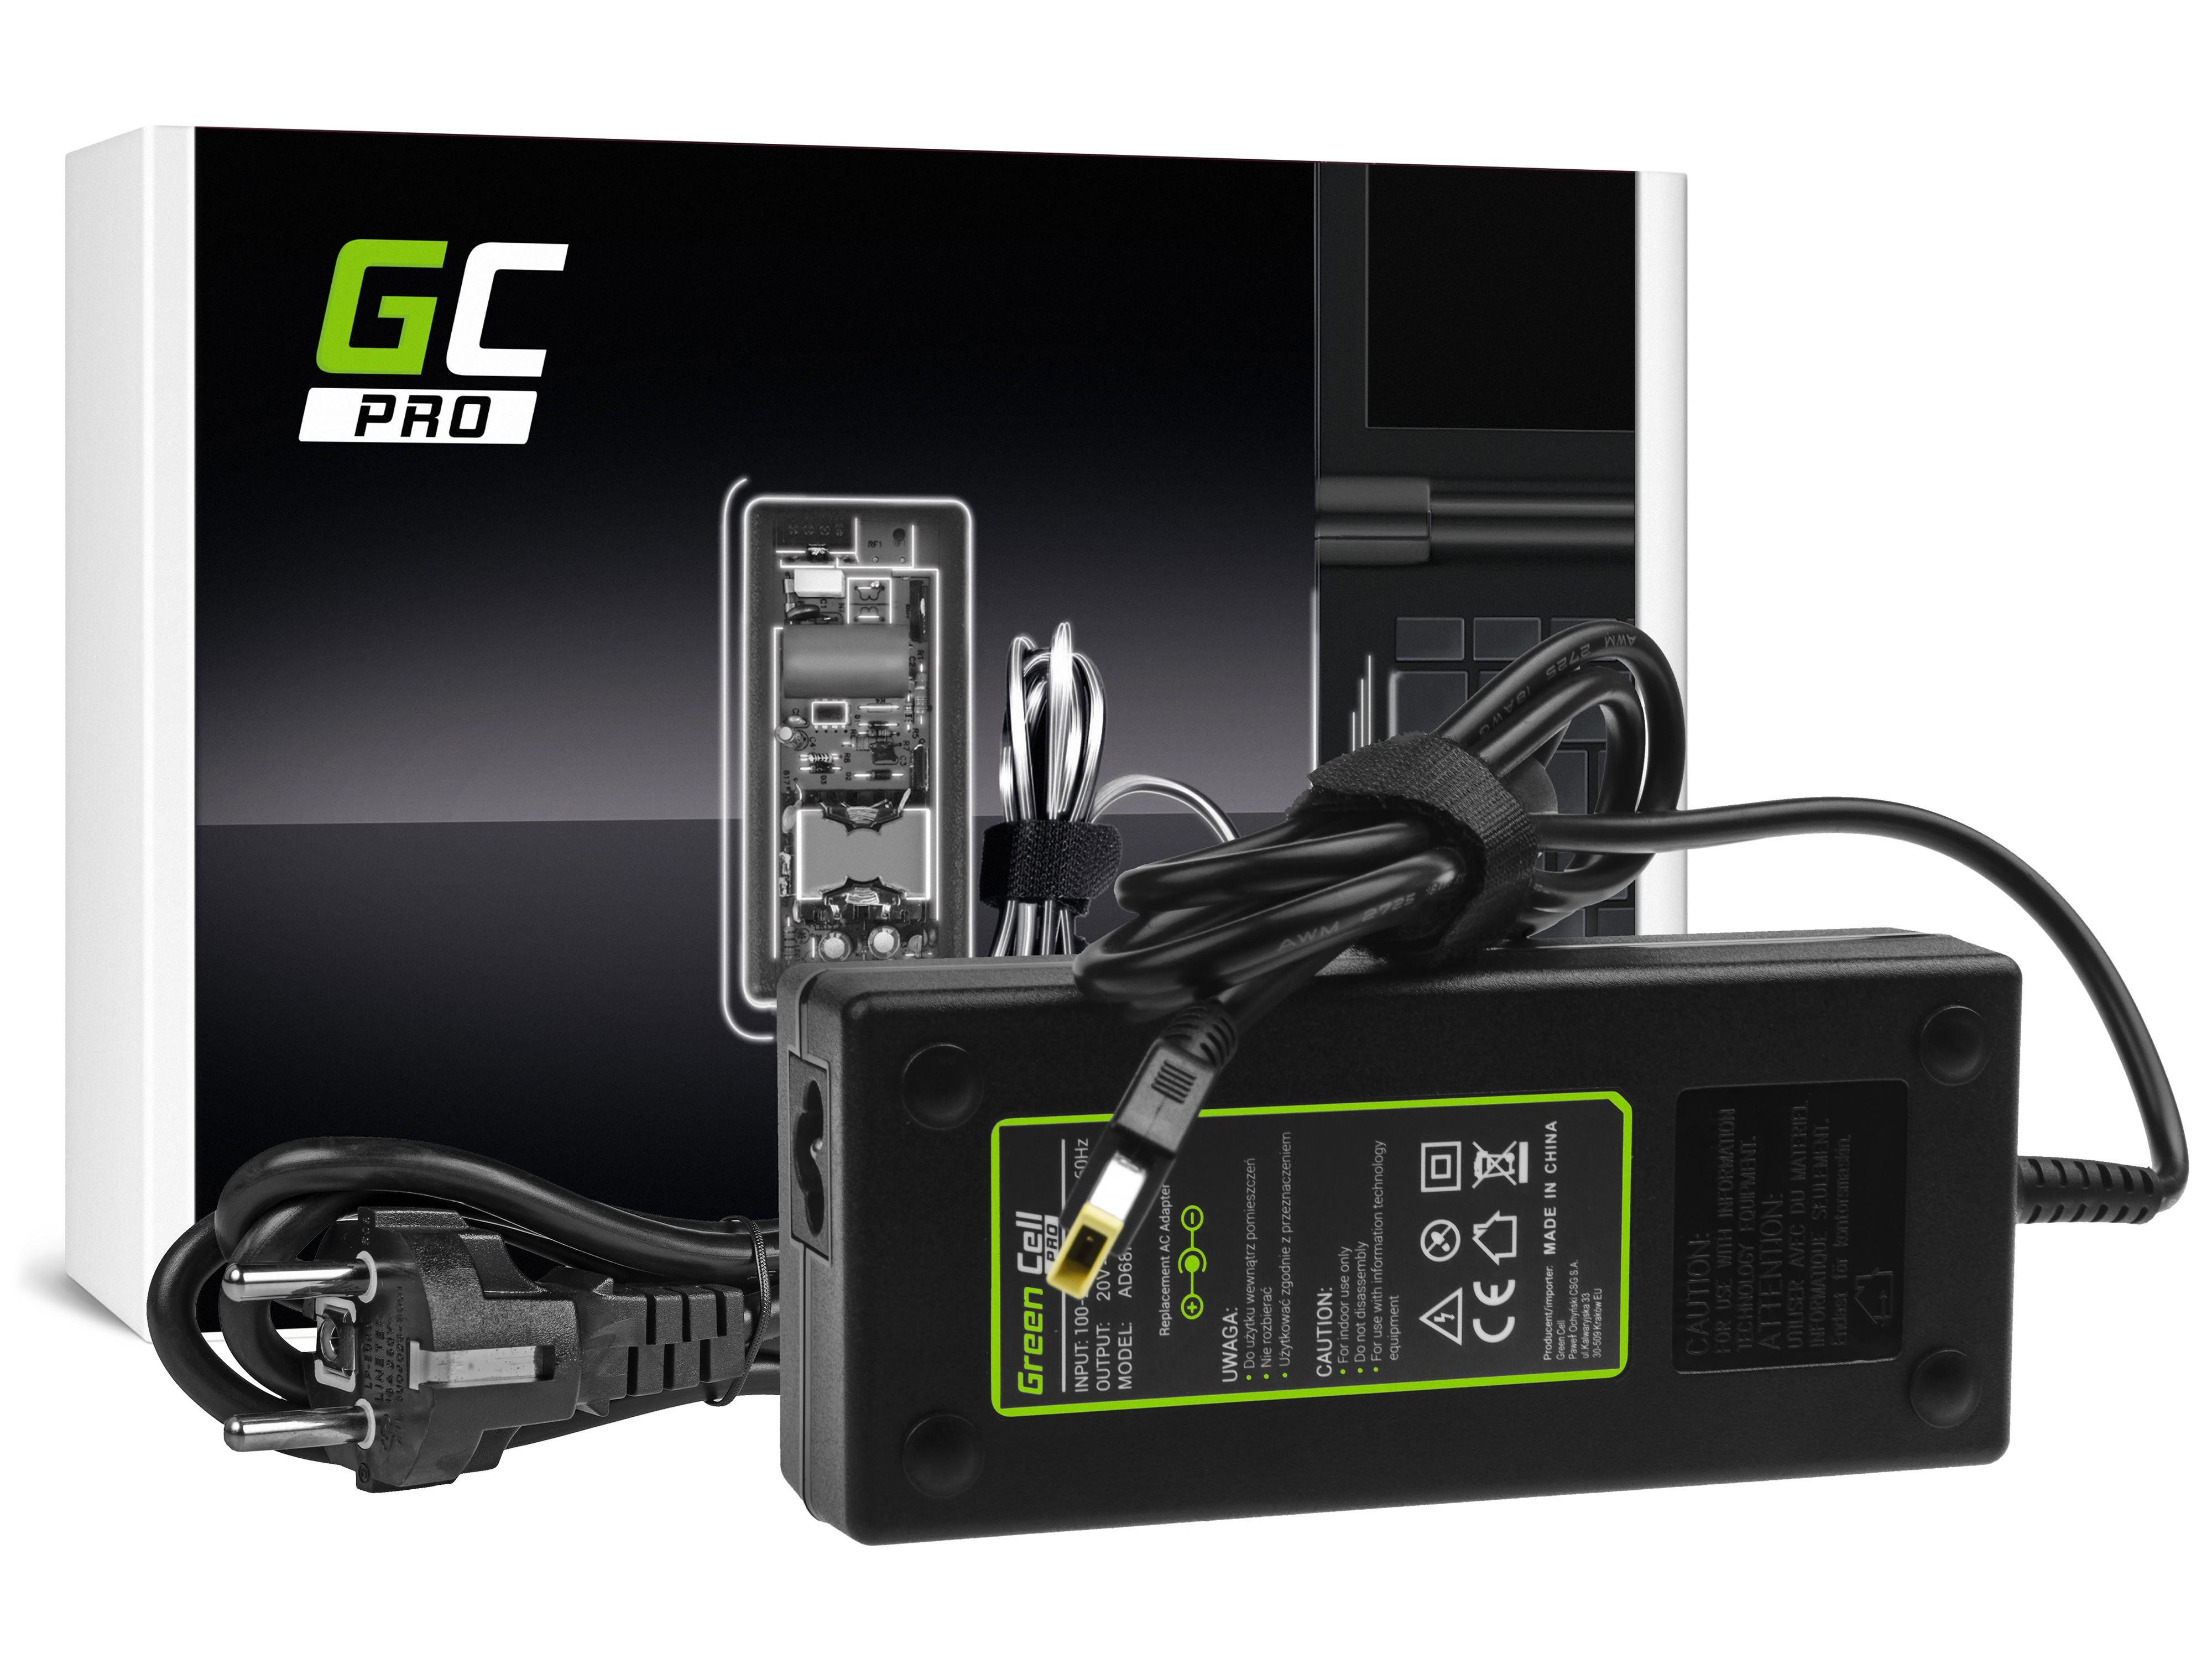 PRO Laddare nätadapter för Lenovo Y70 Y50-70 Y70 Y70-70 Y520 Y700 Z710 700-15ISK ThinkPad W540 T4 20V 6.75A 135W